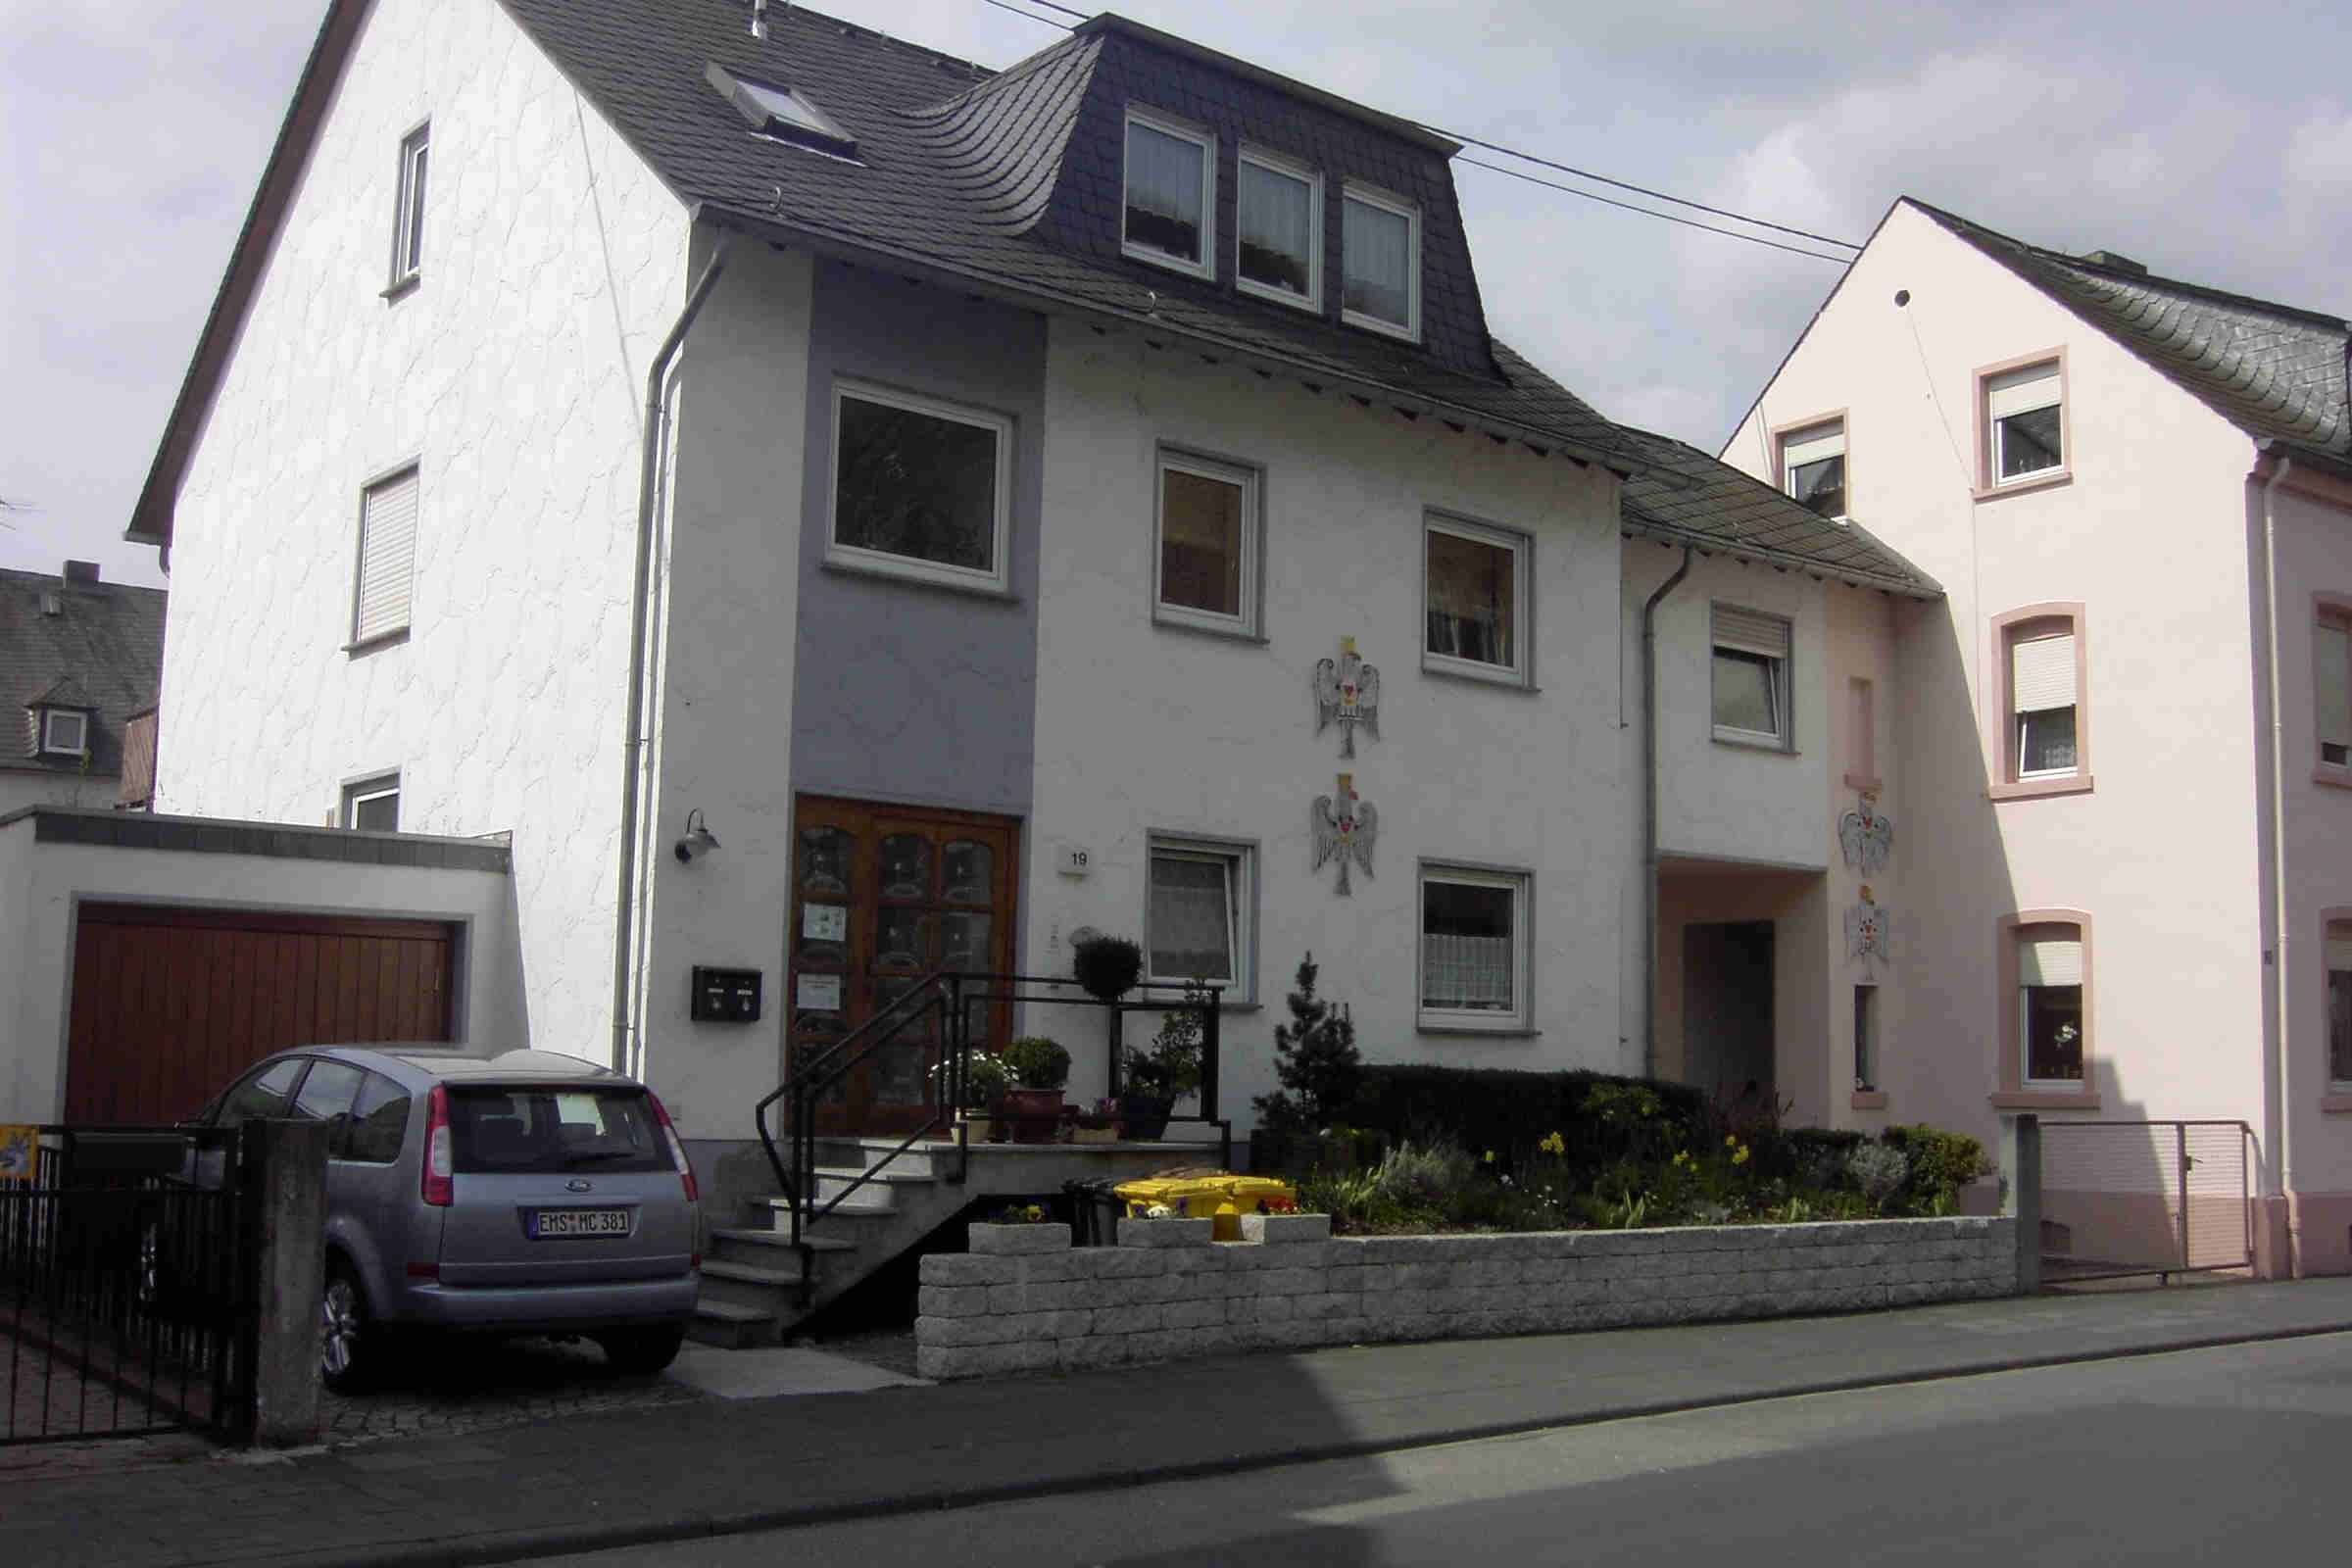 Ferienwohnungen, Ferienhäuser und Hotels in Braubach